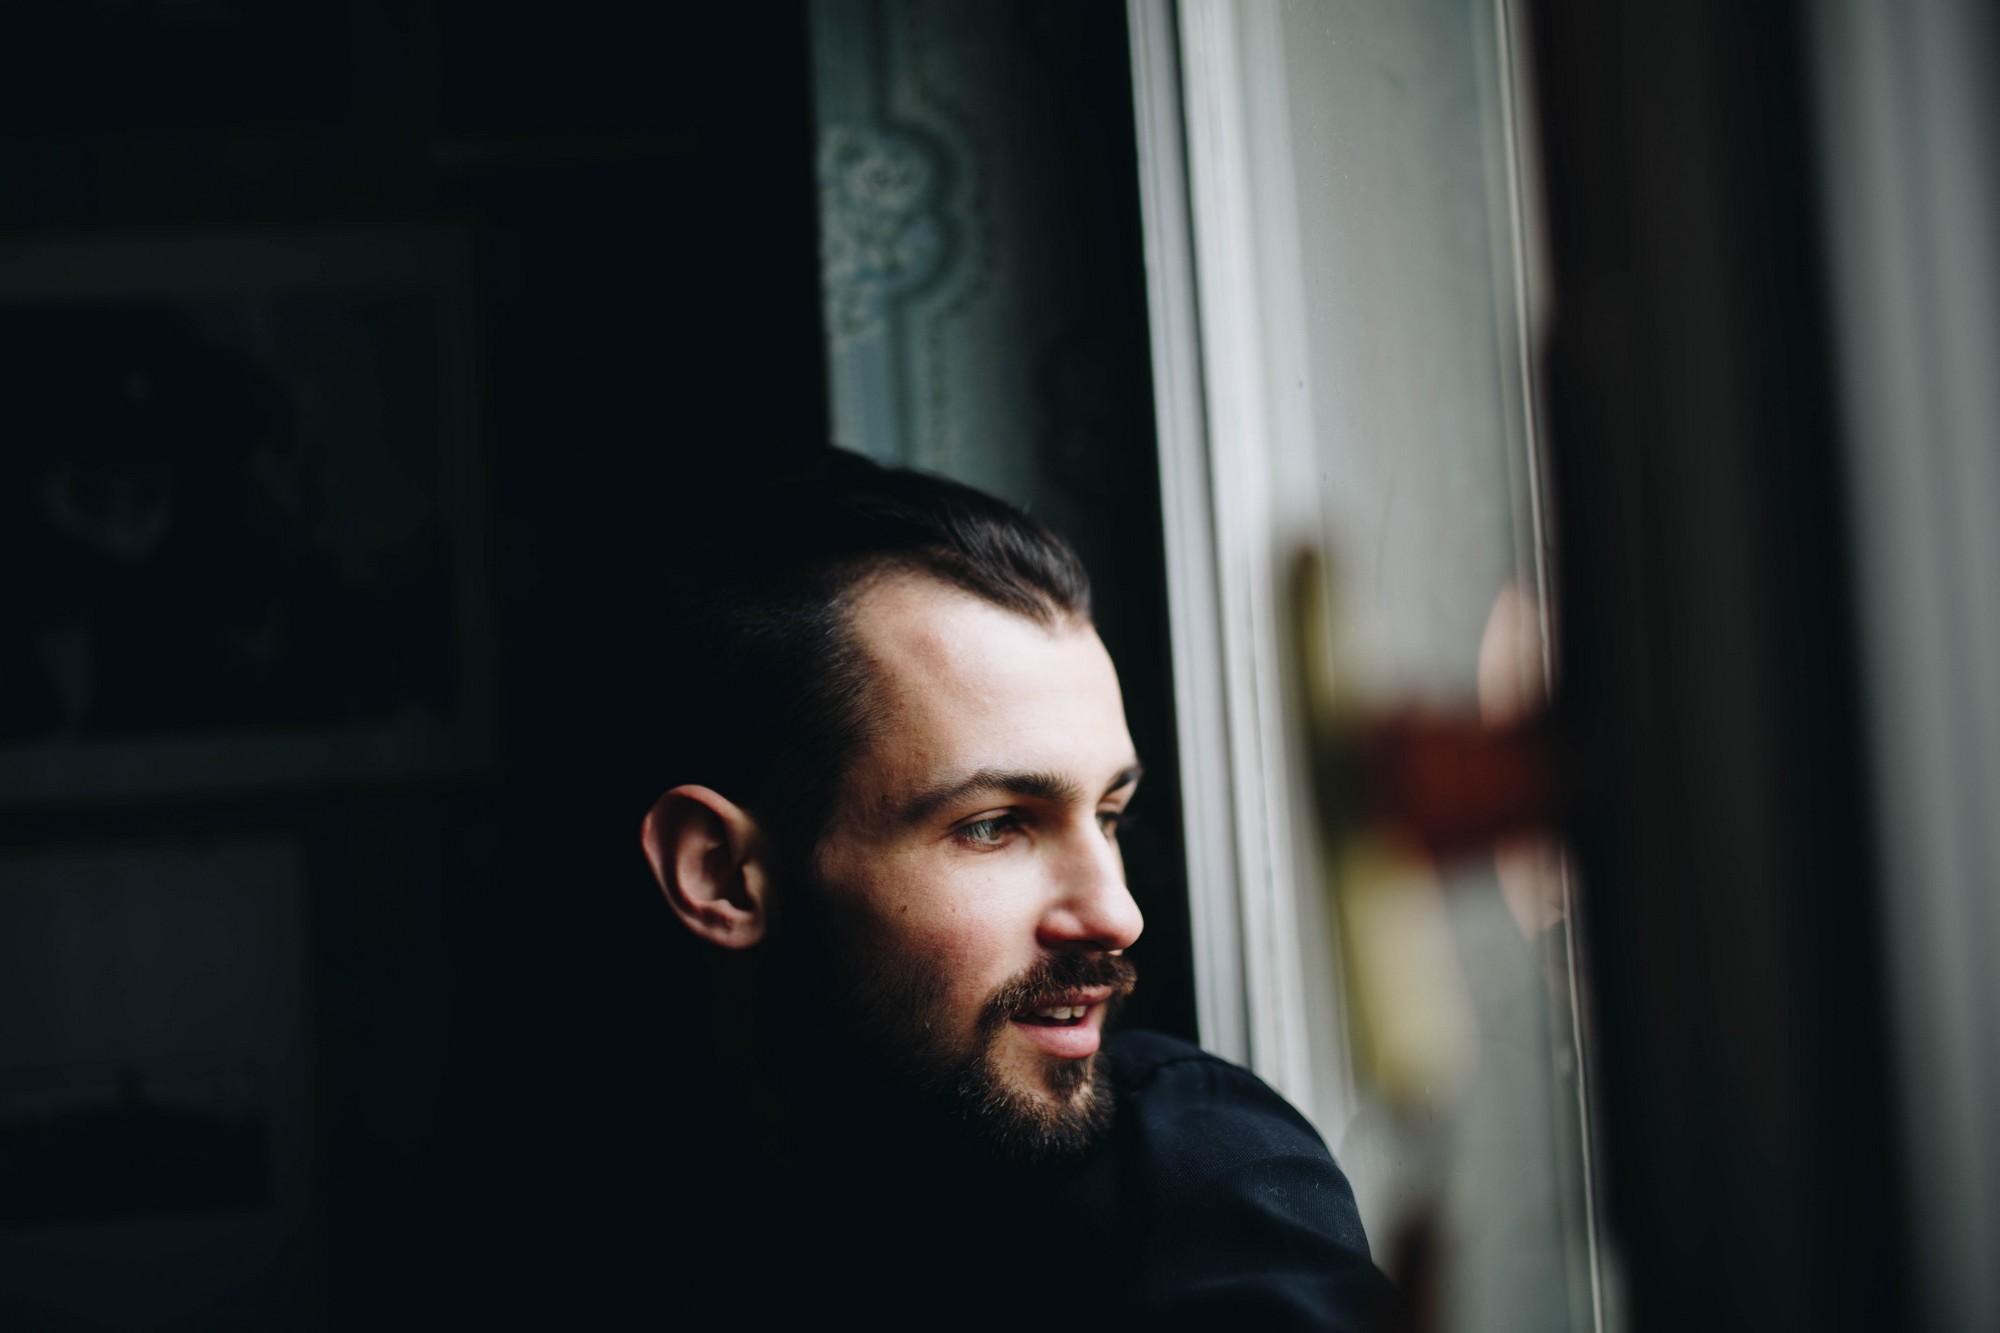 Павло Дідула, 29 років, підприємець, богослов, відеограф